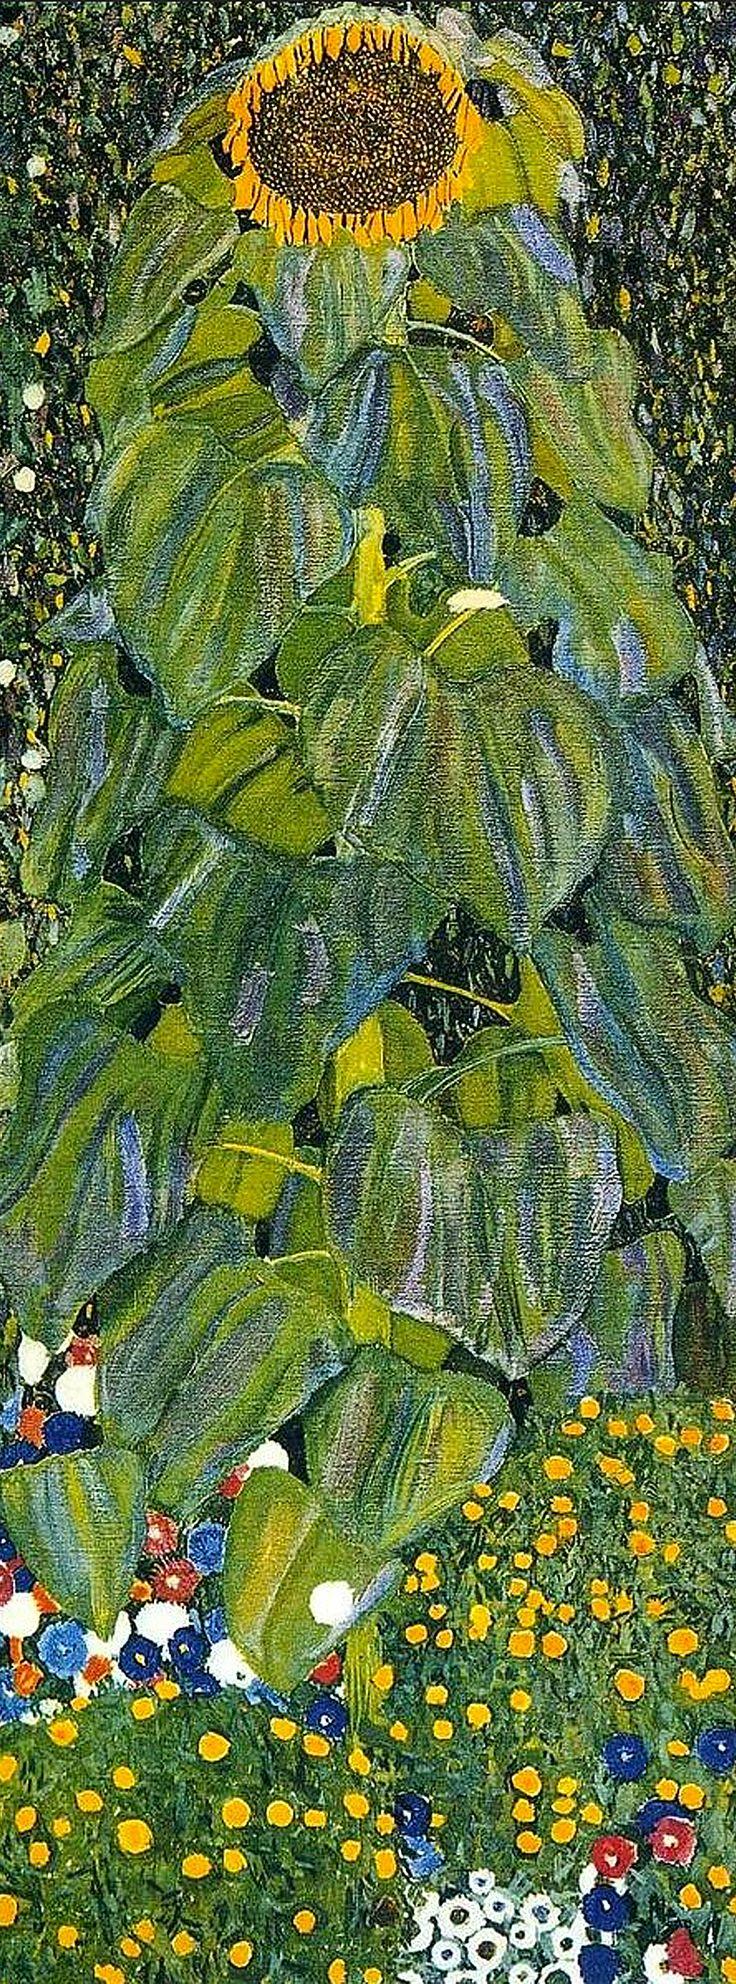 Gustav Klimt 'Sunflower' detail